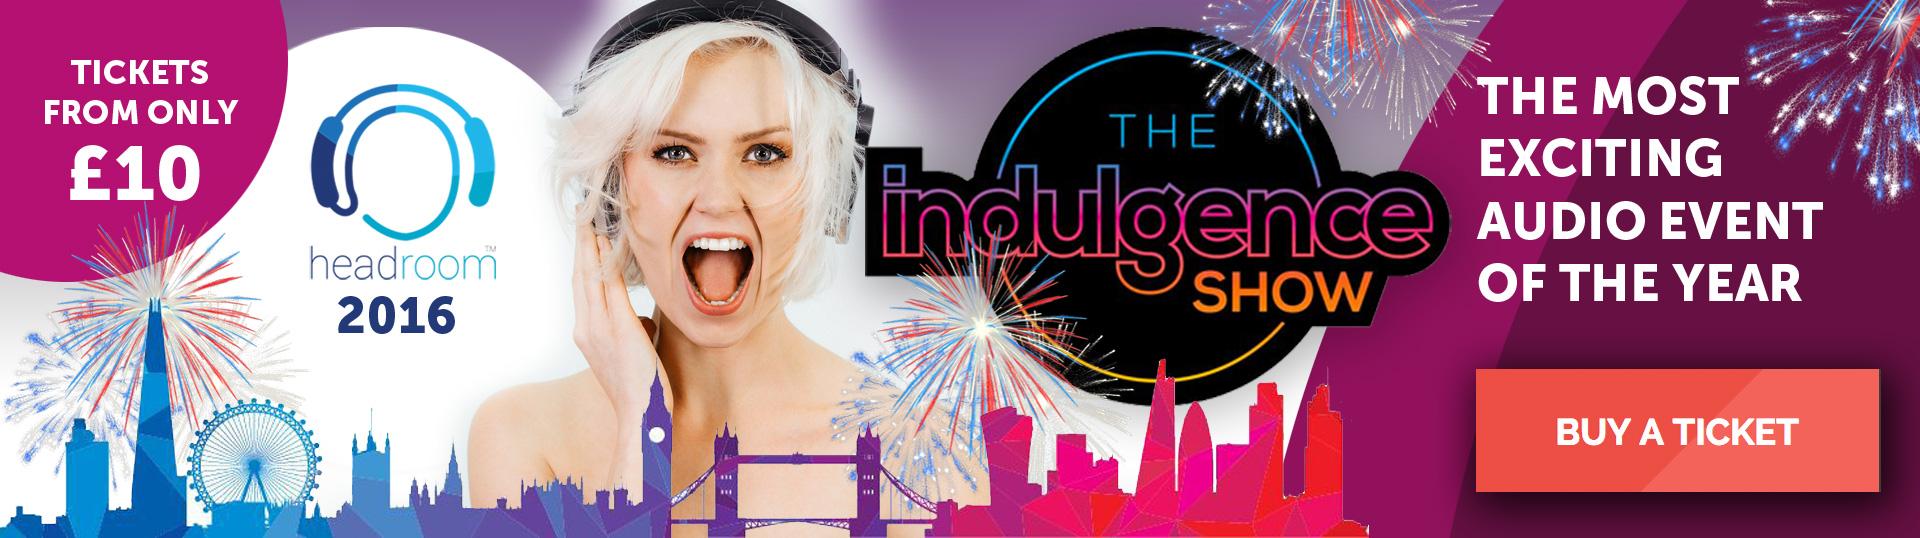 Indulgence Show